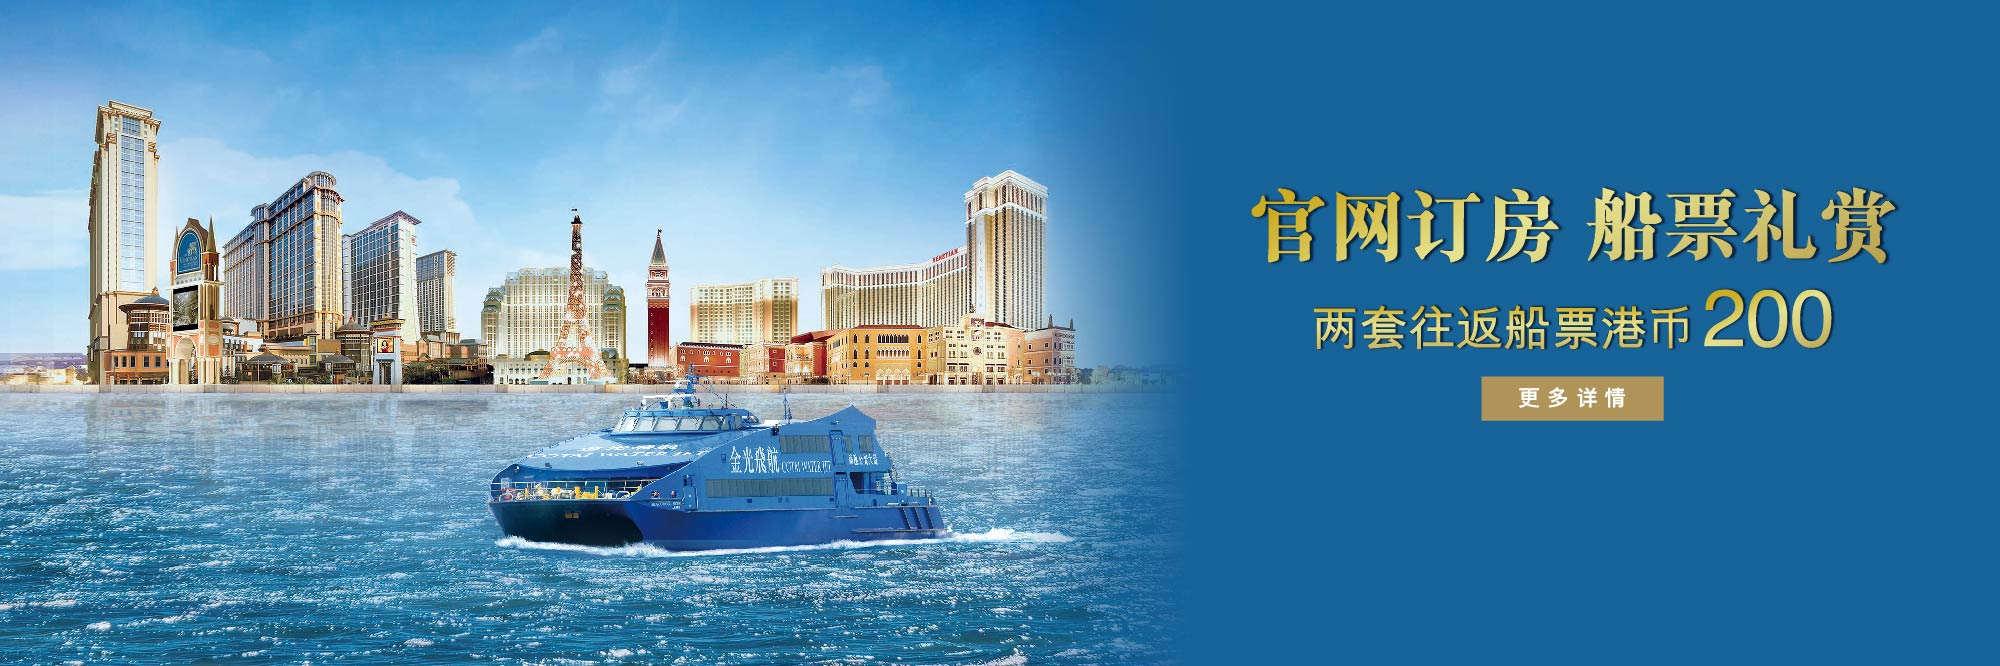 澳门金沙度假区预定娱乐场享受船票优惠